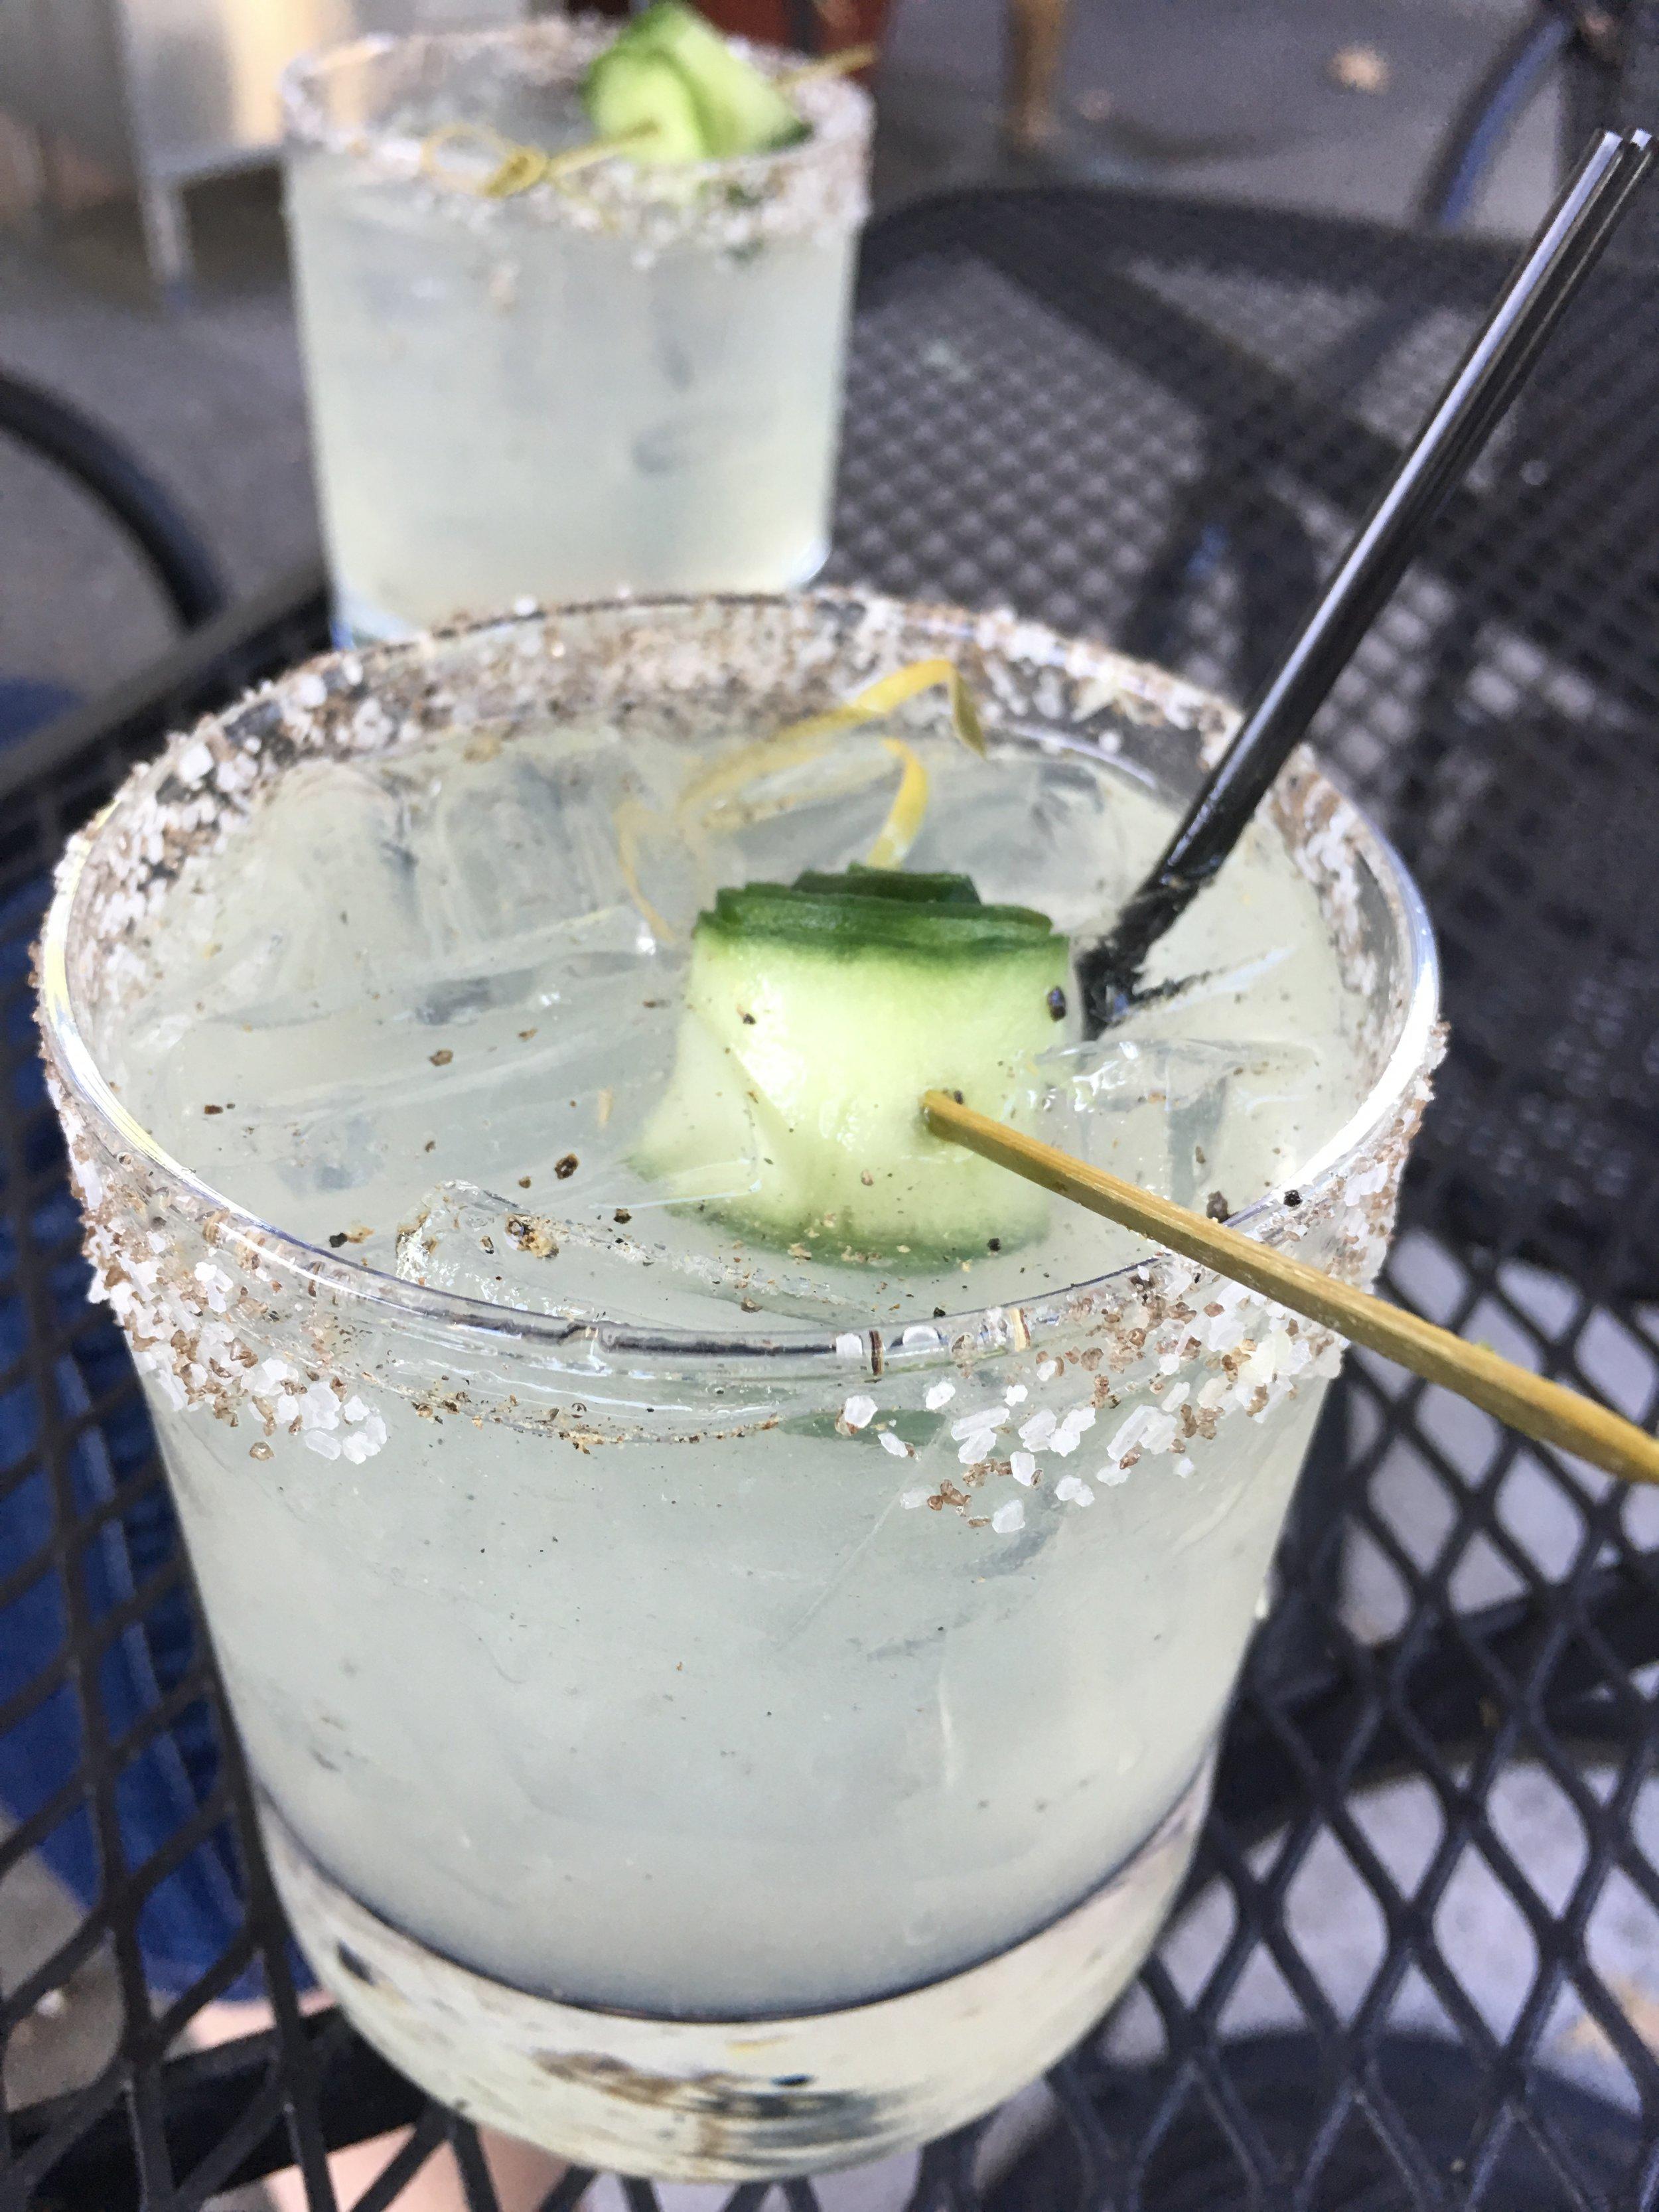 ZestyPDX Food Tours in Portland, OR | 5 Favorite Happy Hour Spots (Plus a Bonus!) in Portland